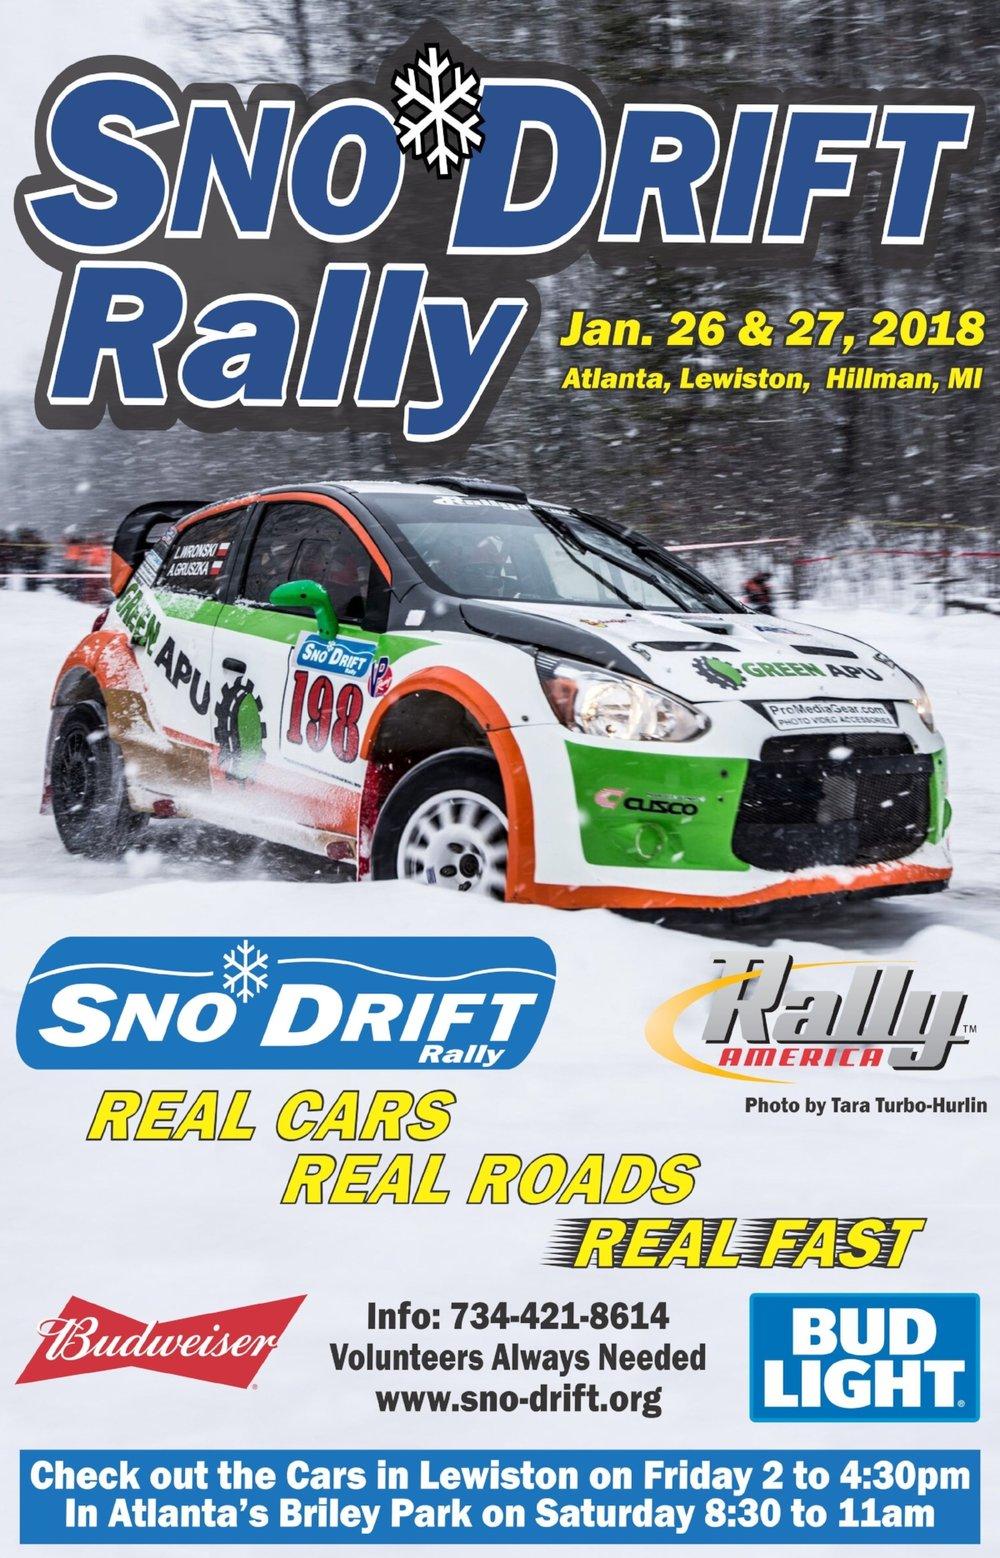 sno-drift poster 2018 (1).jpg